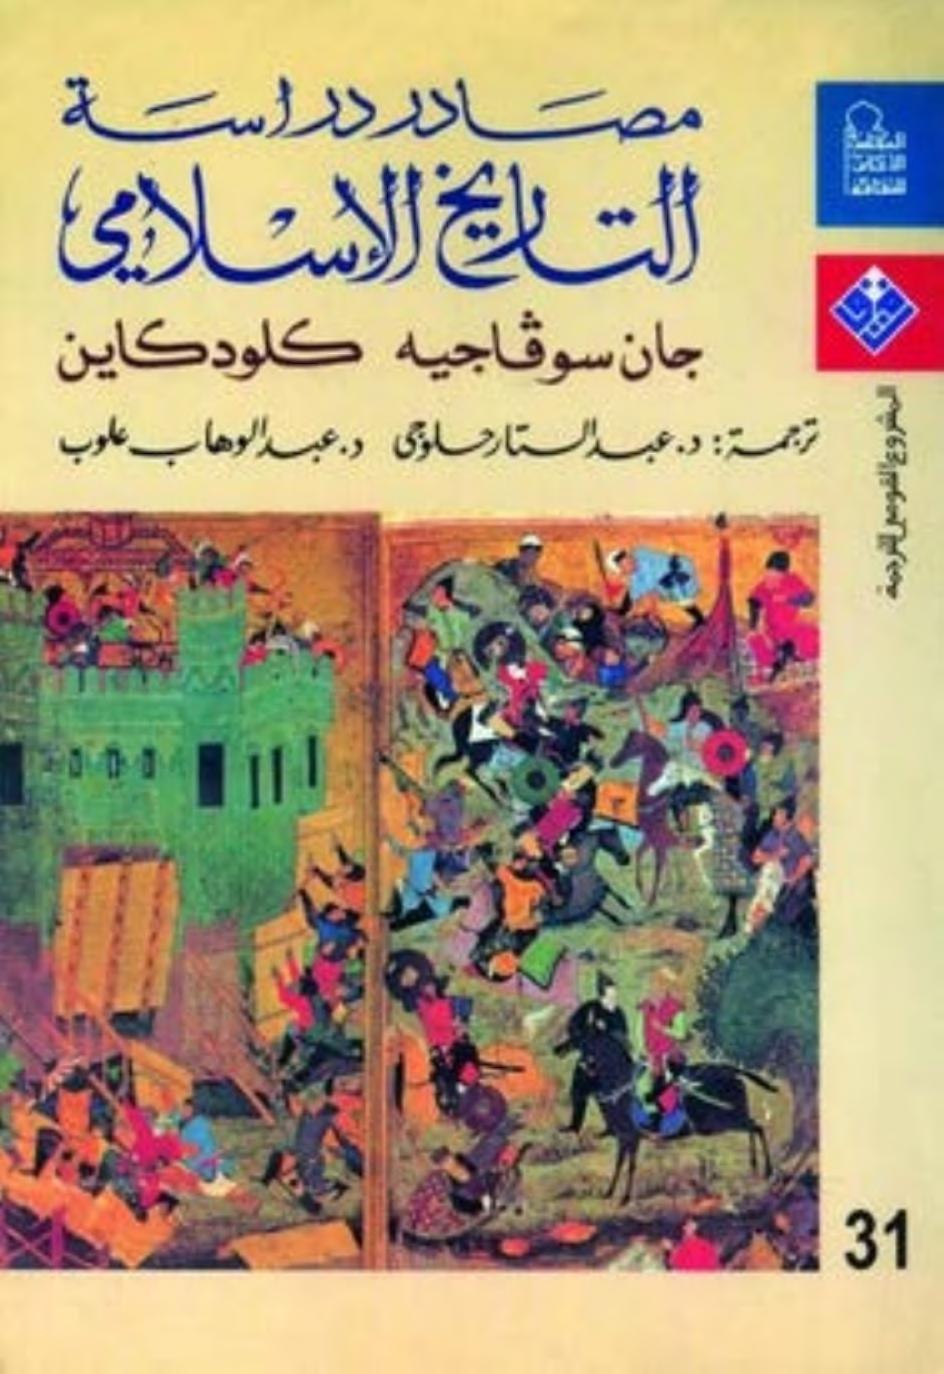 مصادر دراسة التاريخ الإسلامي المؤلف نخبة المترجم نخبة Free Download Borrow And Streaming Internet Archive In 2021 Arabic Books My Books Books